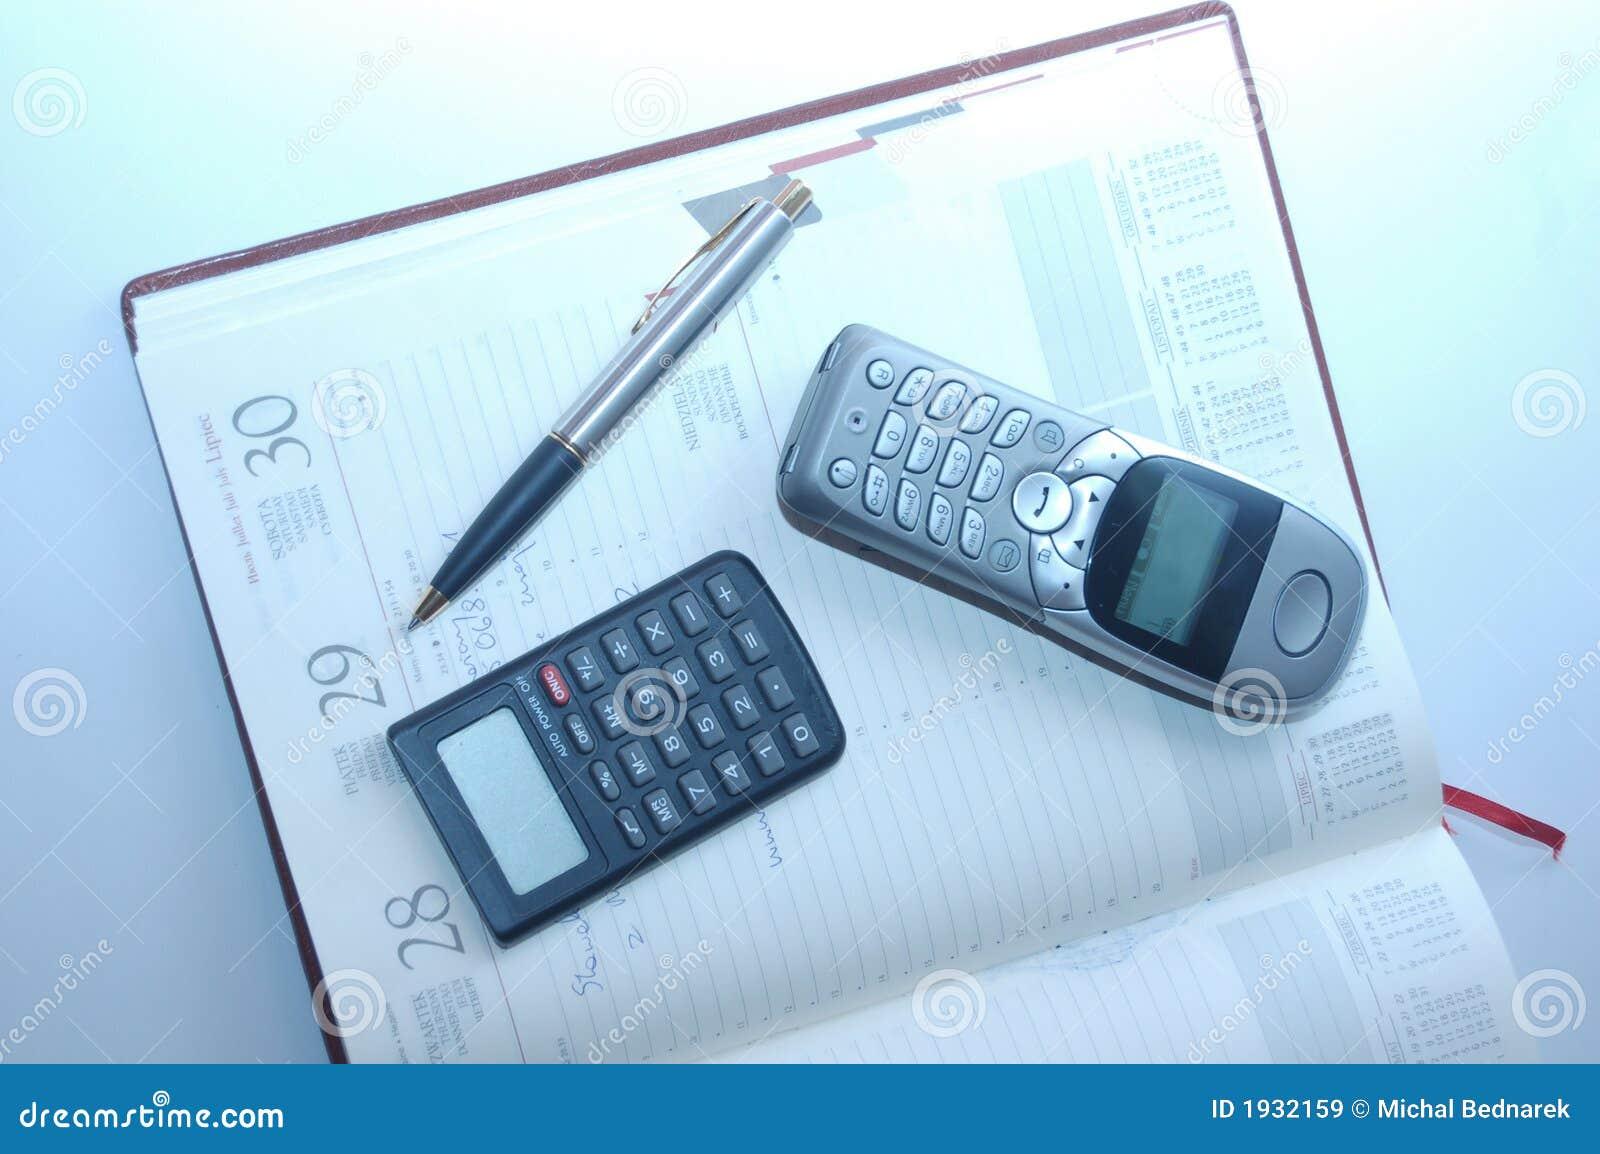 Organizer Calculator Fountain Pen Royalty Free Stock